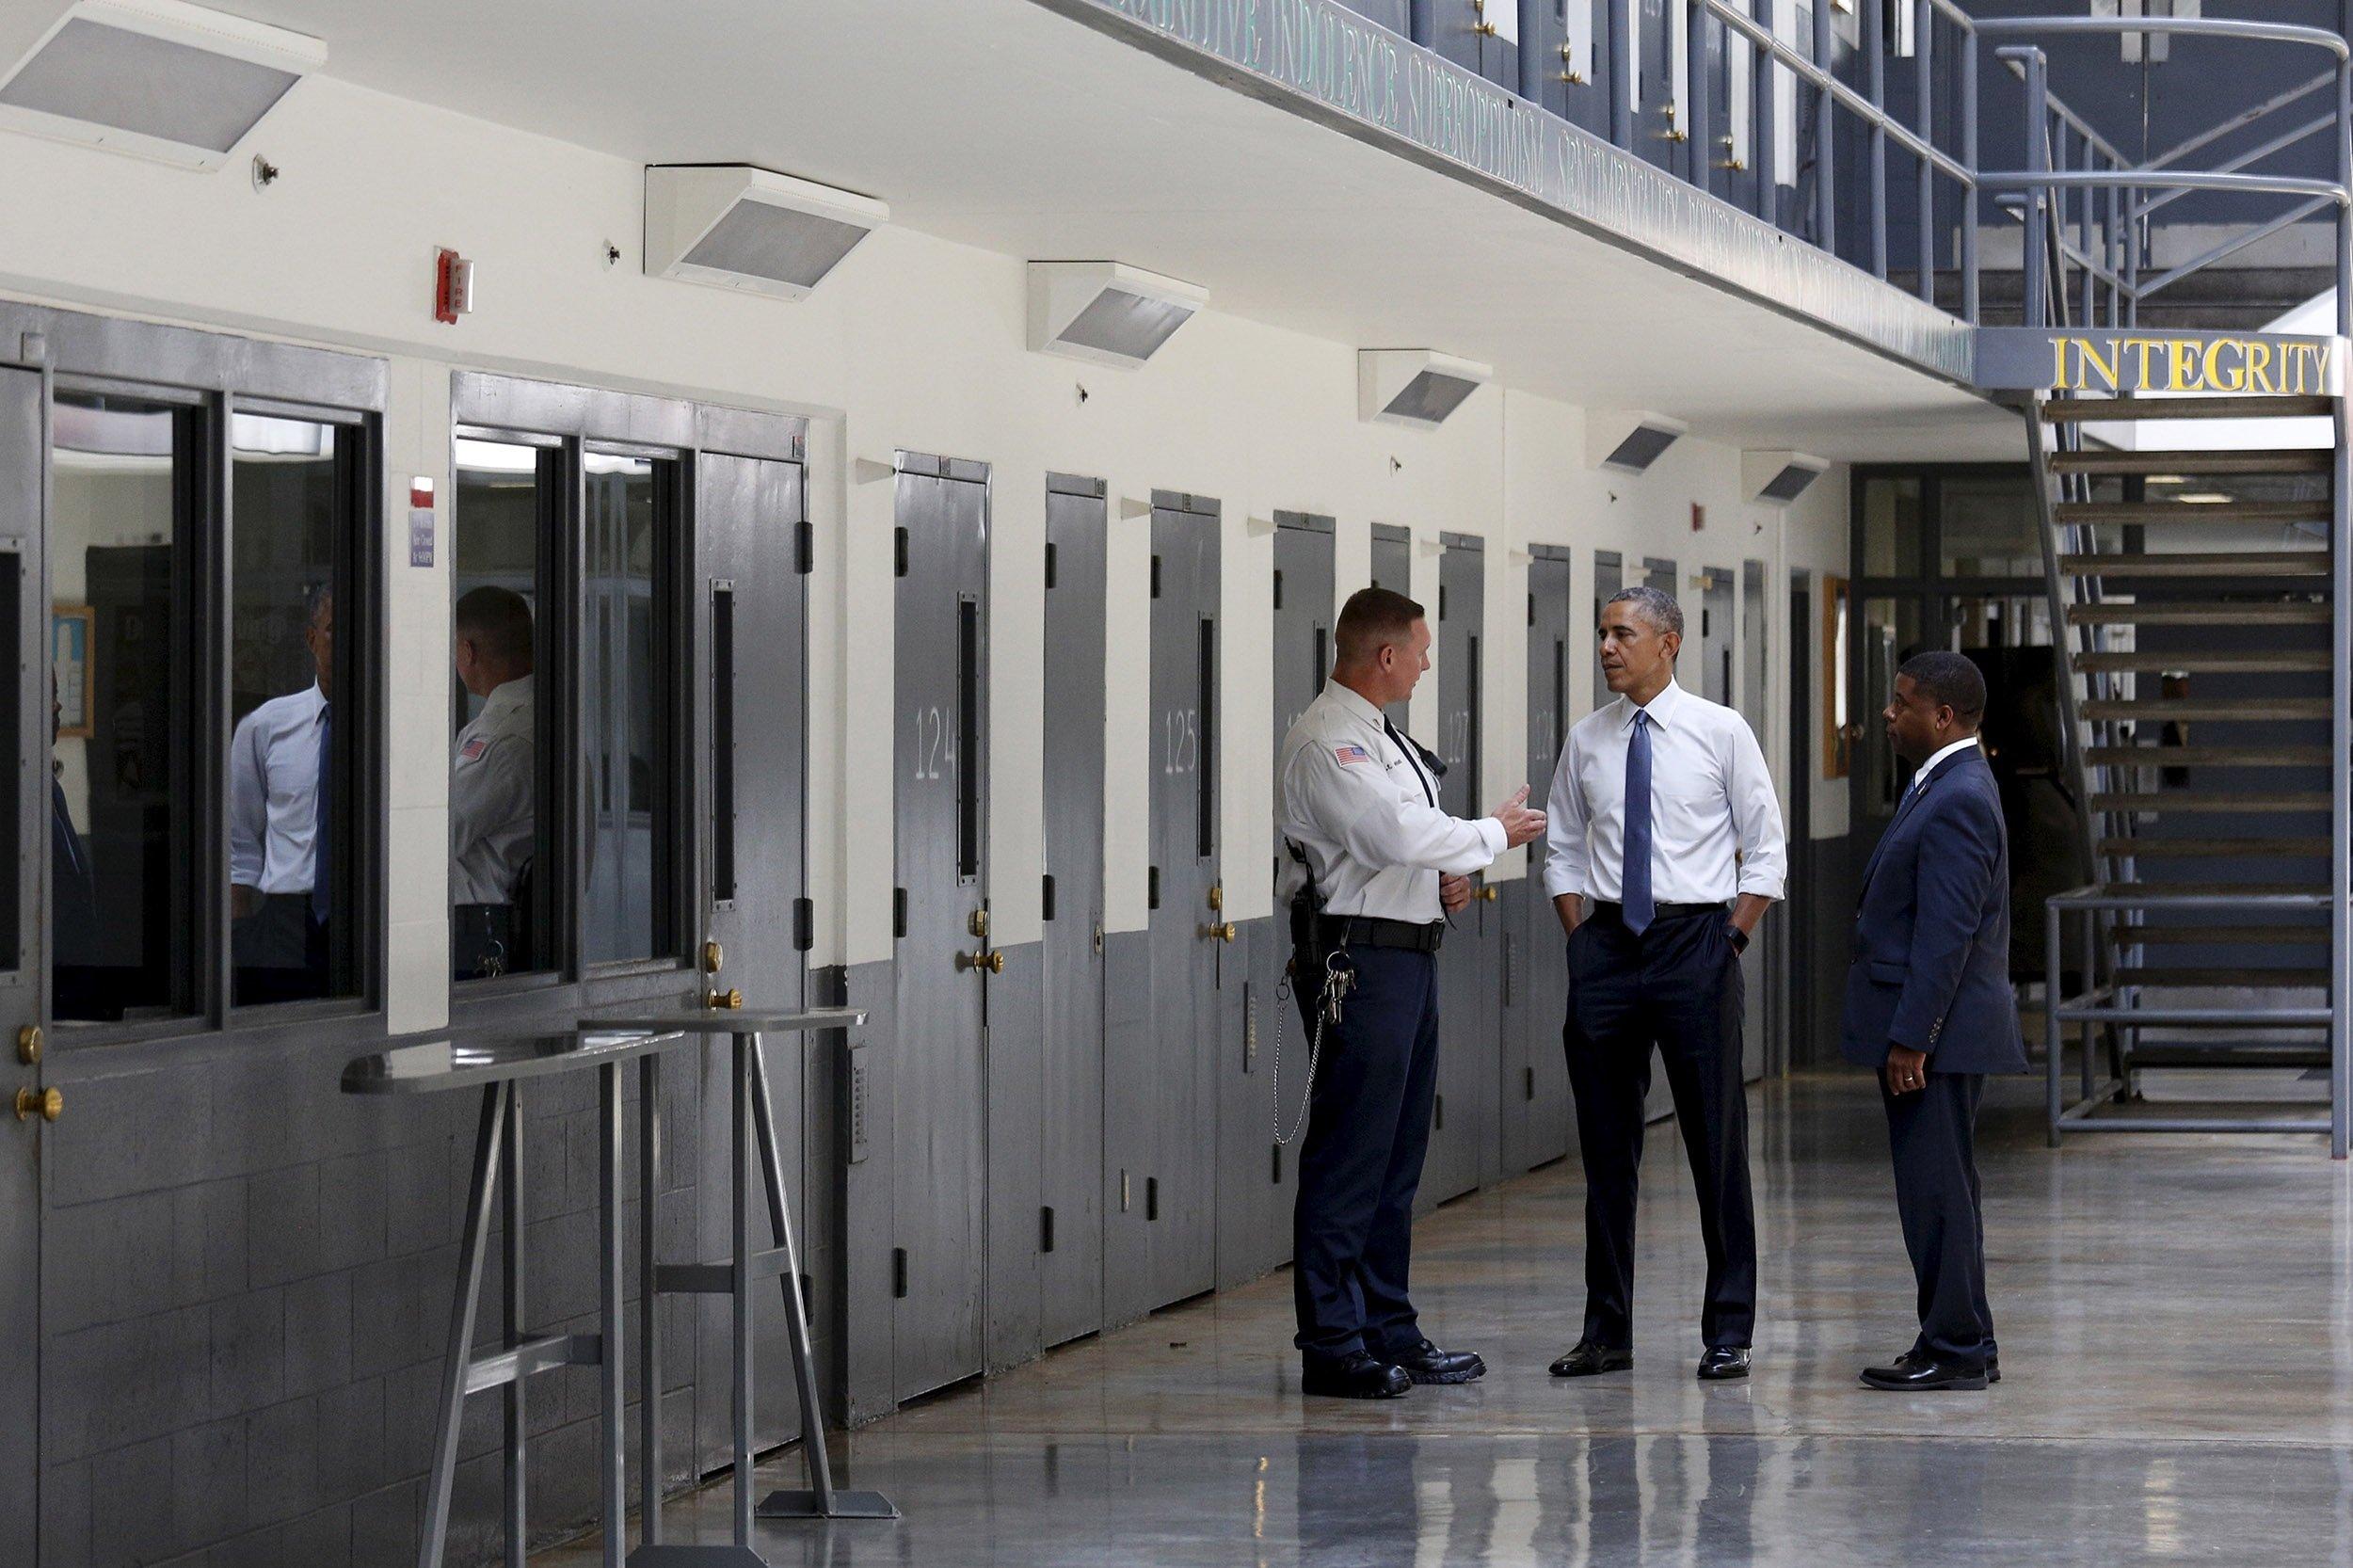 05_05_ObamaSolitary_01